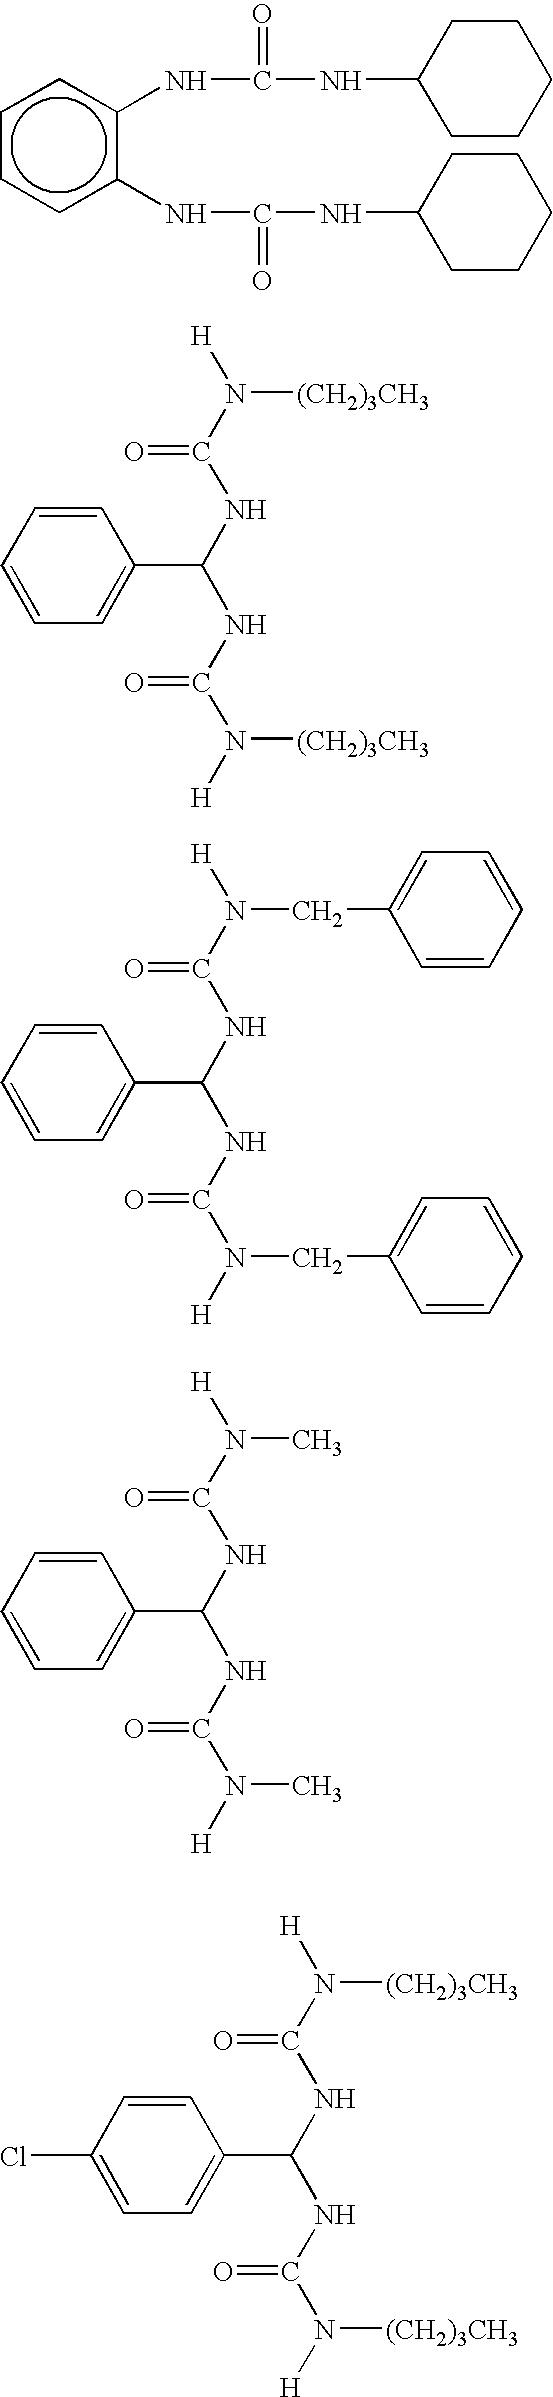 Figure US20040065227A1-20040408-C00045